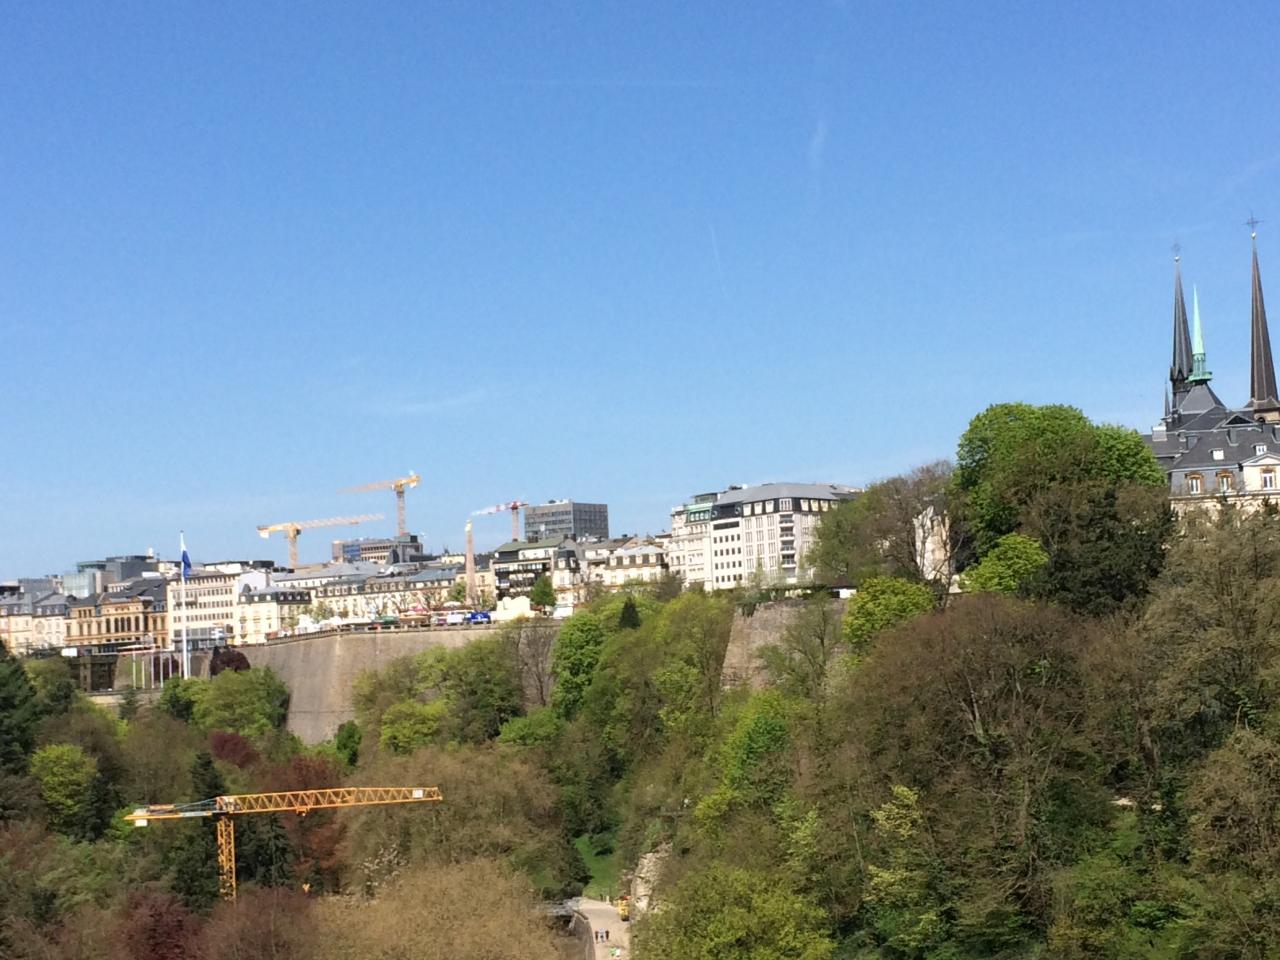 ルクセンブルク市の画像 p1_22